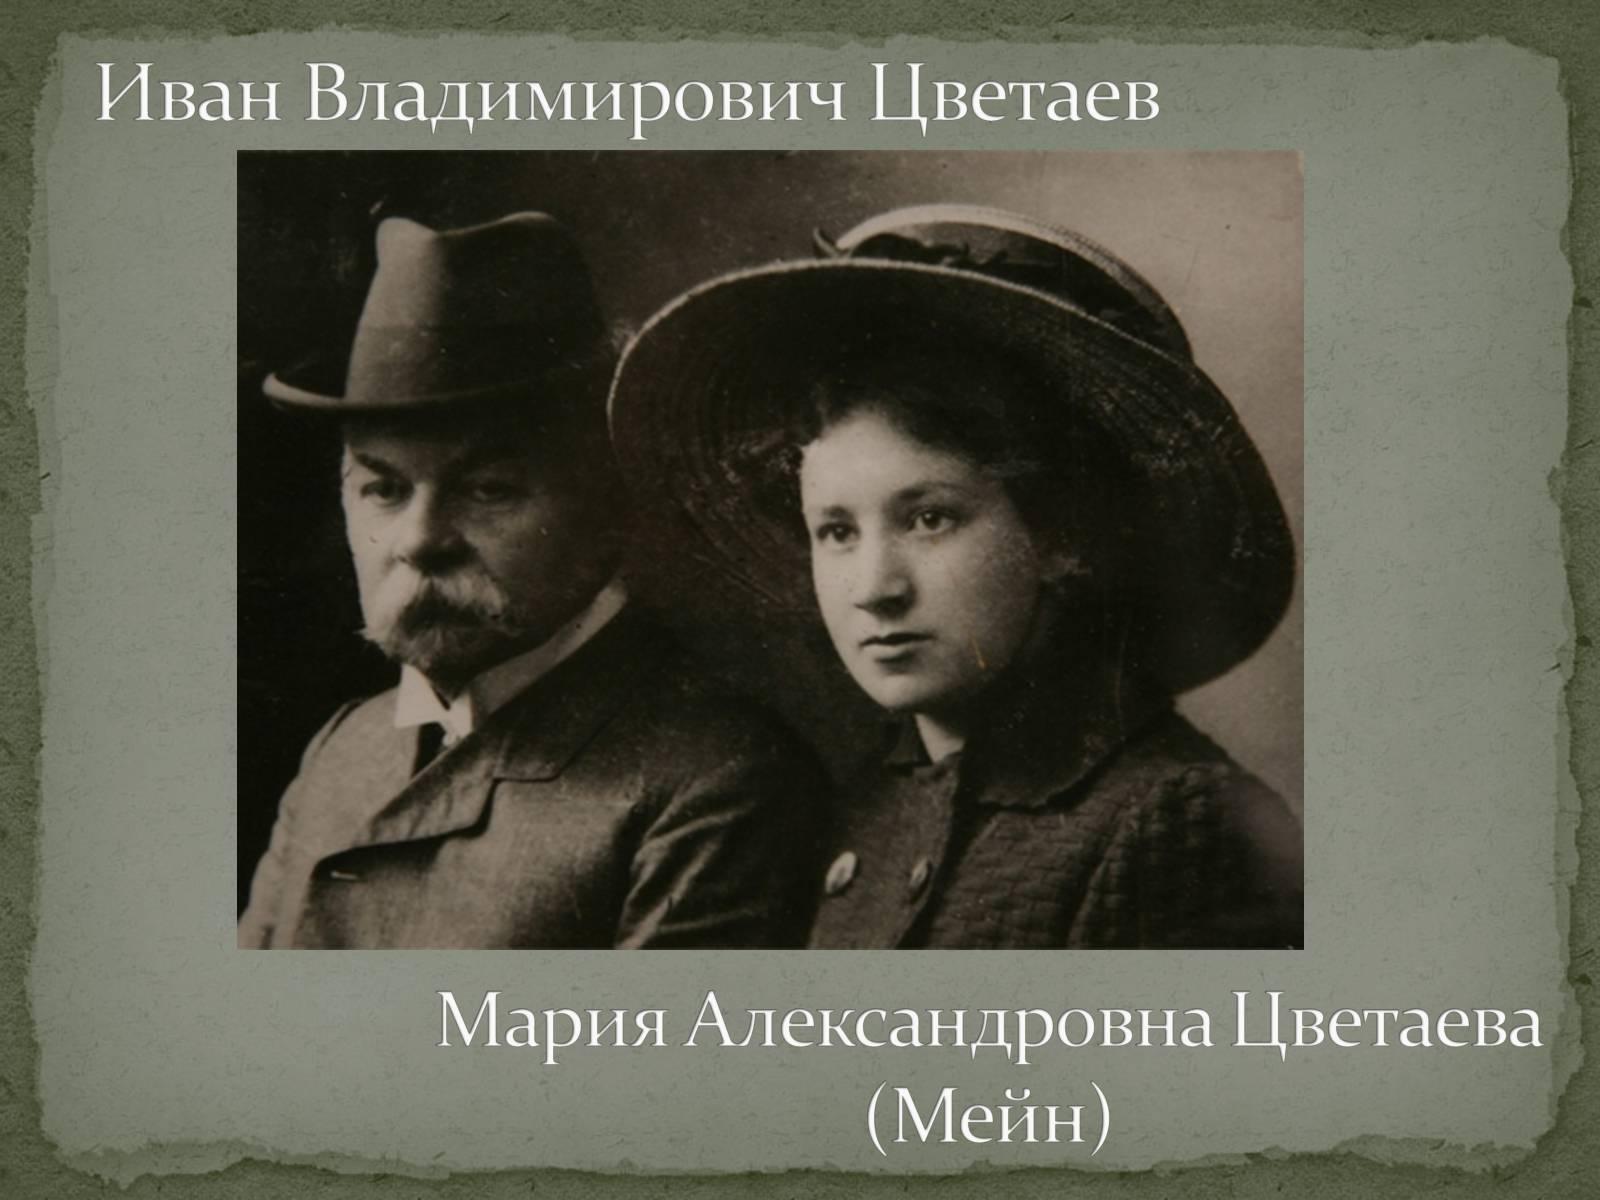 Марина Цветаева - биография, личная жизнь, фото, стихи, сборники, жизнь